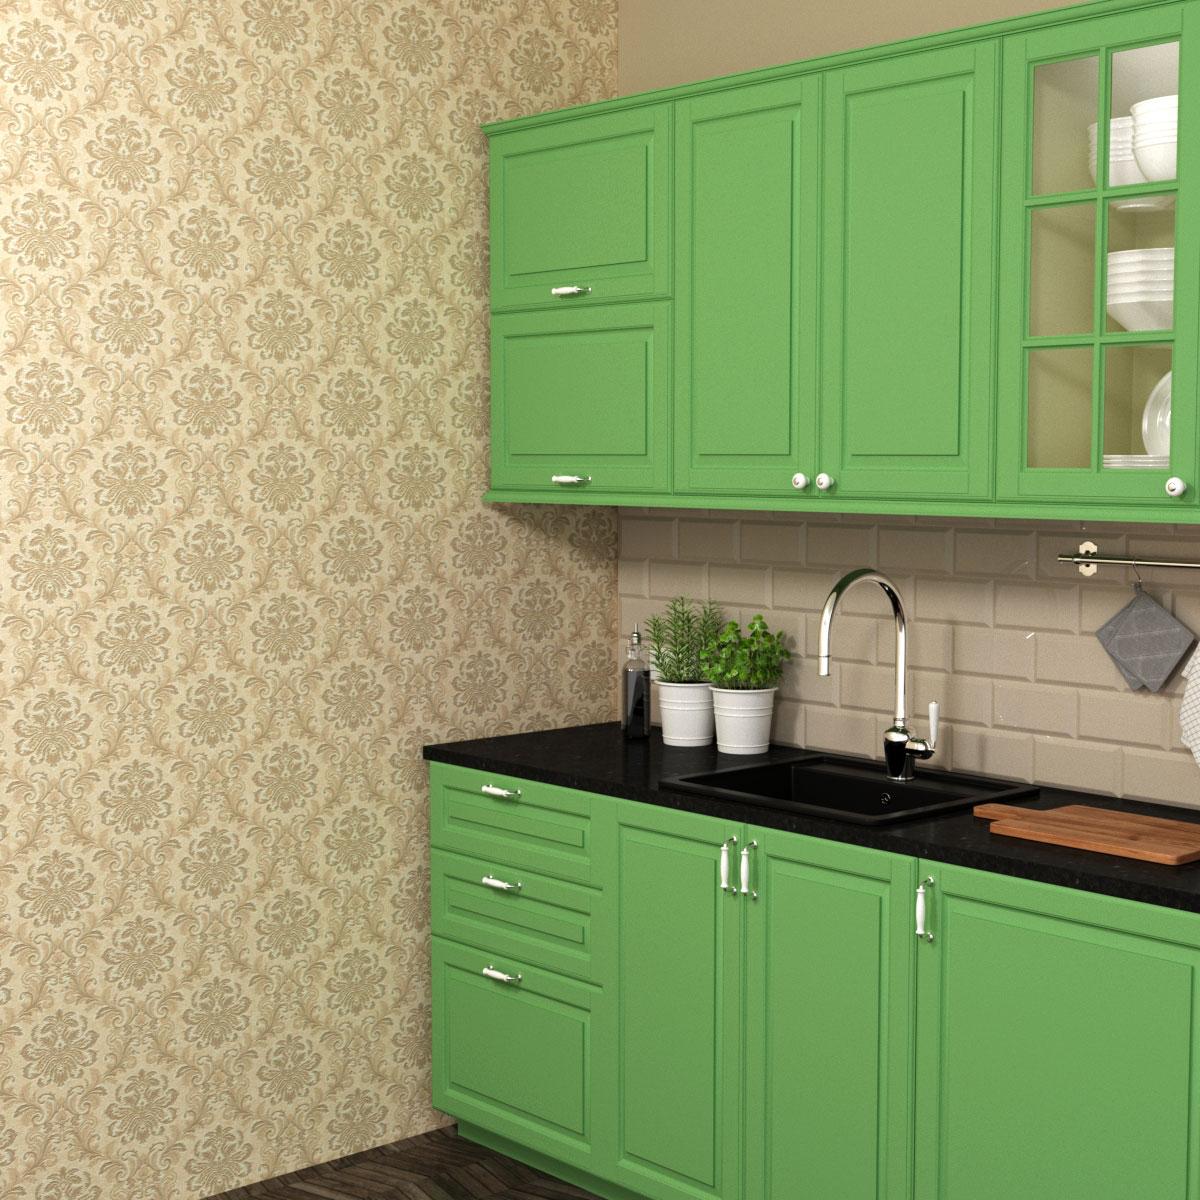 Бежевые обои и зеленая кухня